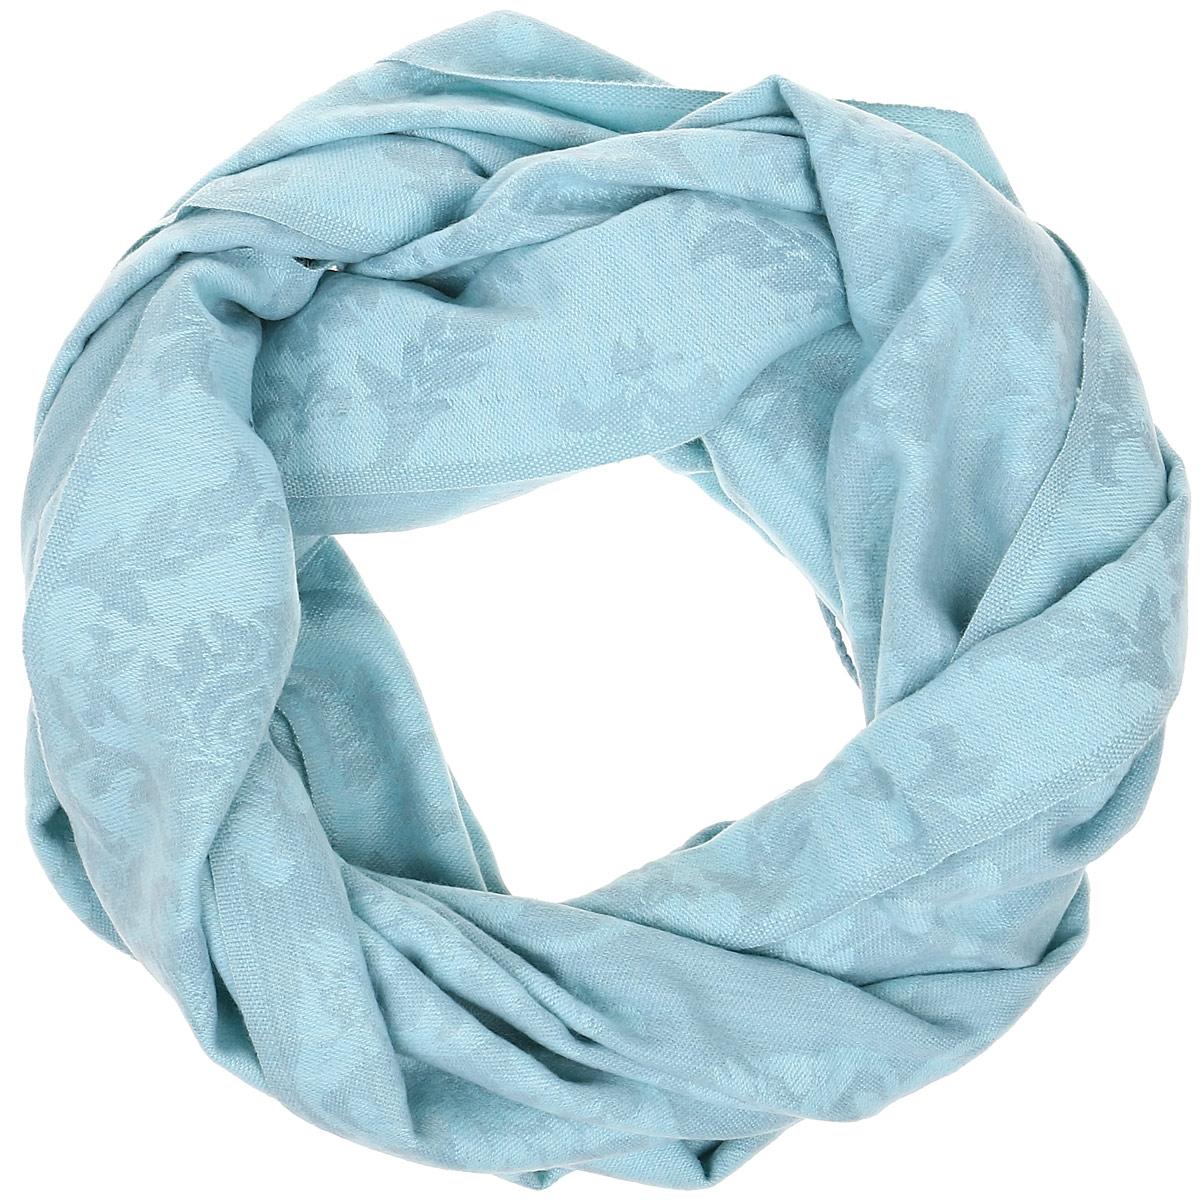 ШарфSCw-142/463-6404Модный женский шарф Sela подарит вам уют и станет стильным аксессуаром, который призван подчеркнуть вашу индивидуальность и женственность. Теплый шарф выполнен из 100% акрила, он невероятно мягкий и приятный на ощупь. Шарф оформлен оригинальным цветочным орнаментом и украшен бахромой в виде жгутиков по краям. Этот модный аксессуар гармонично дополнит образ современной женщины.